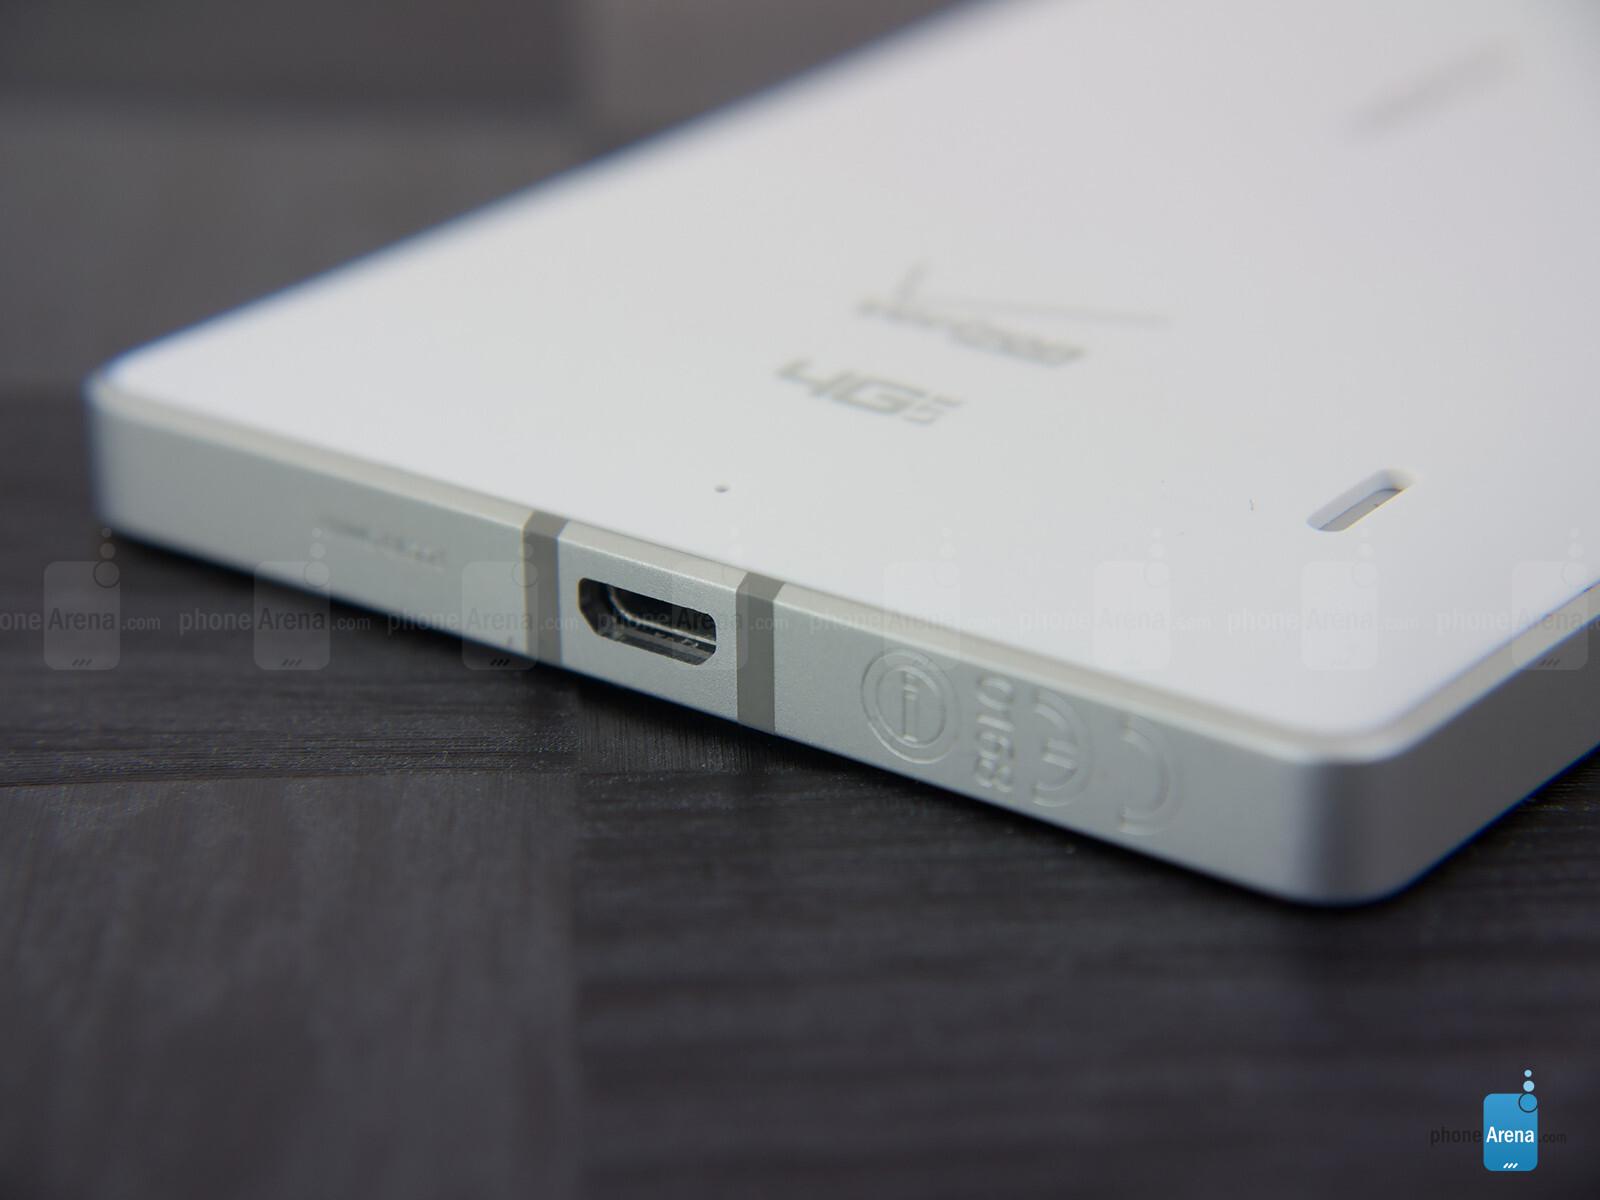 Sforum - Trang thông tin công nghệ mới nhất Nokia-Lumia-Icon-Review-011 Mở hộp Lumia Icon phiên bản nhà mạng Verizon